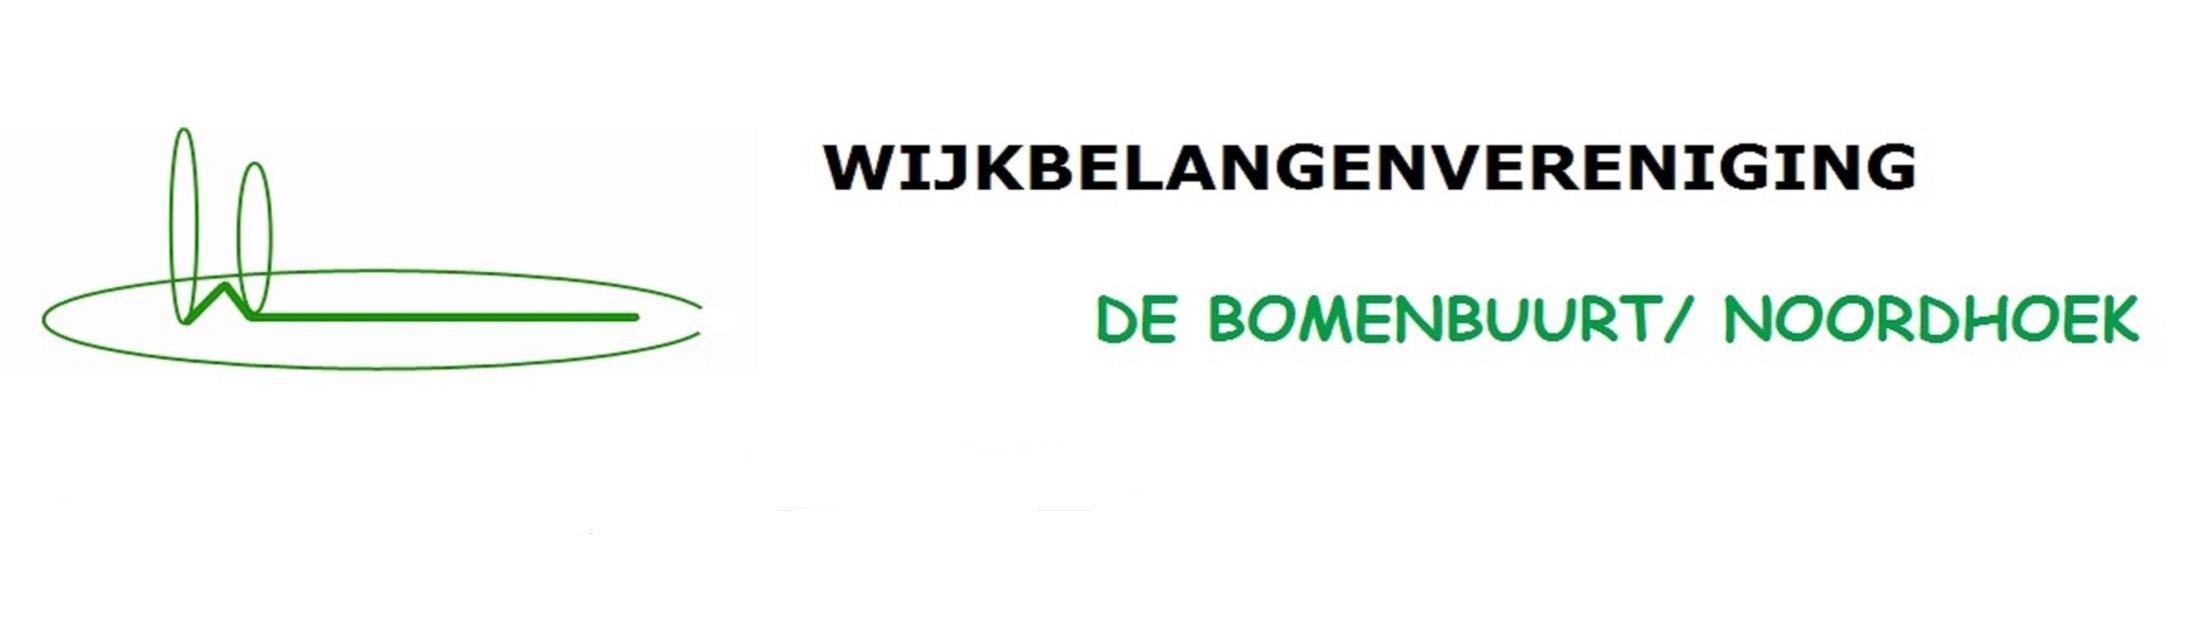 Wijkbelangenvereniging Bomenbuurt - Noordhoek Logo